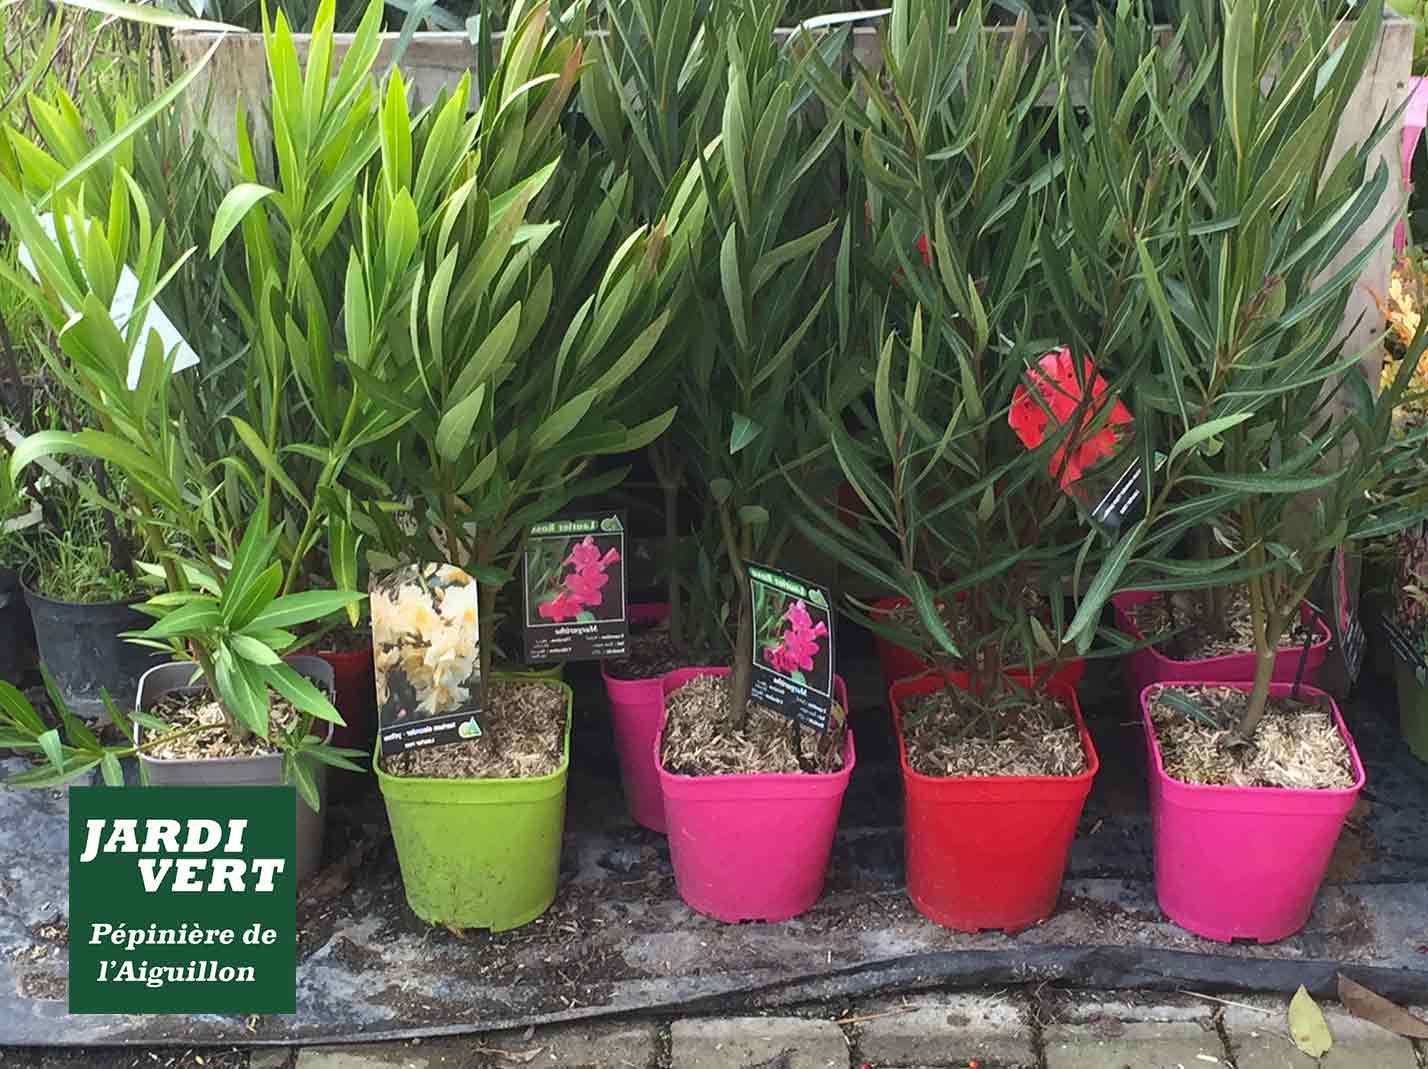 Vente de petits lauriers de couleur - rouges, roses, jaunes, blanc, saumon - Jardinerie de l'Aiguillon Frouzins